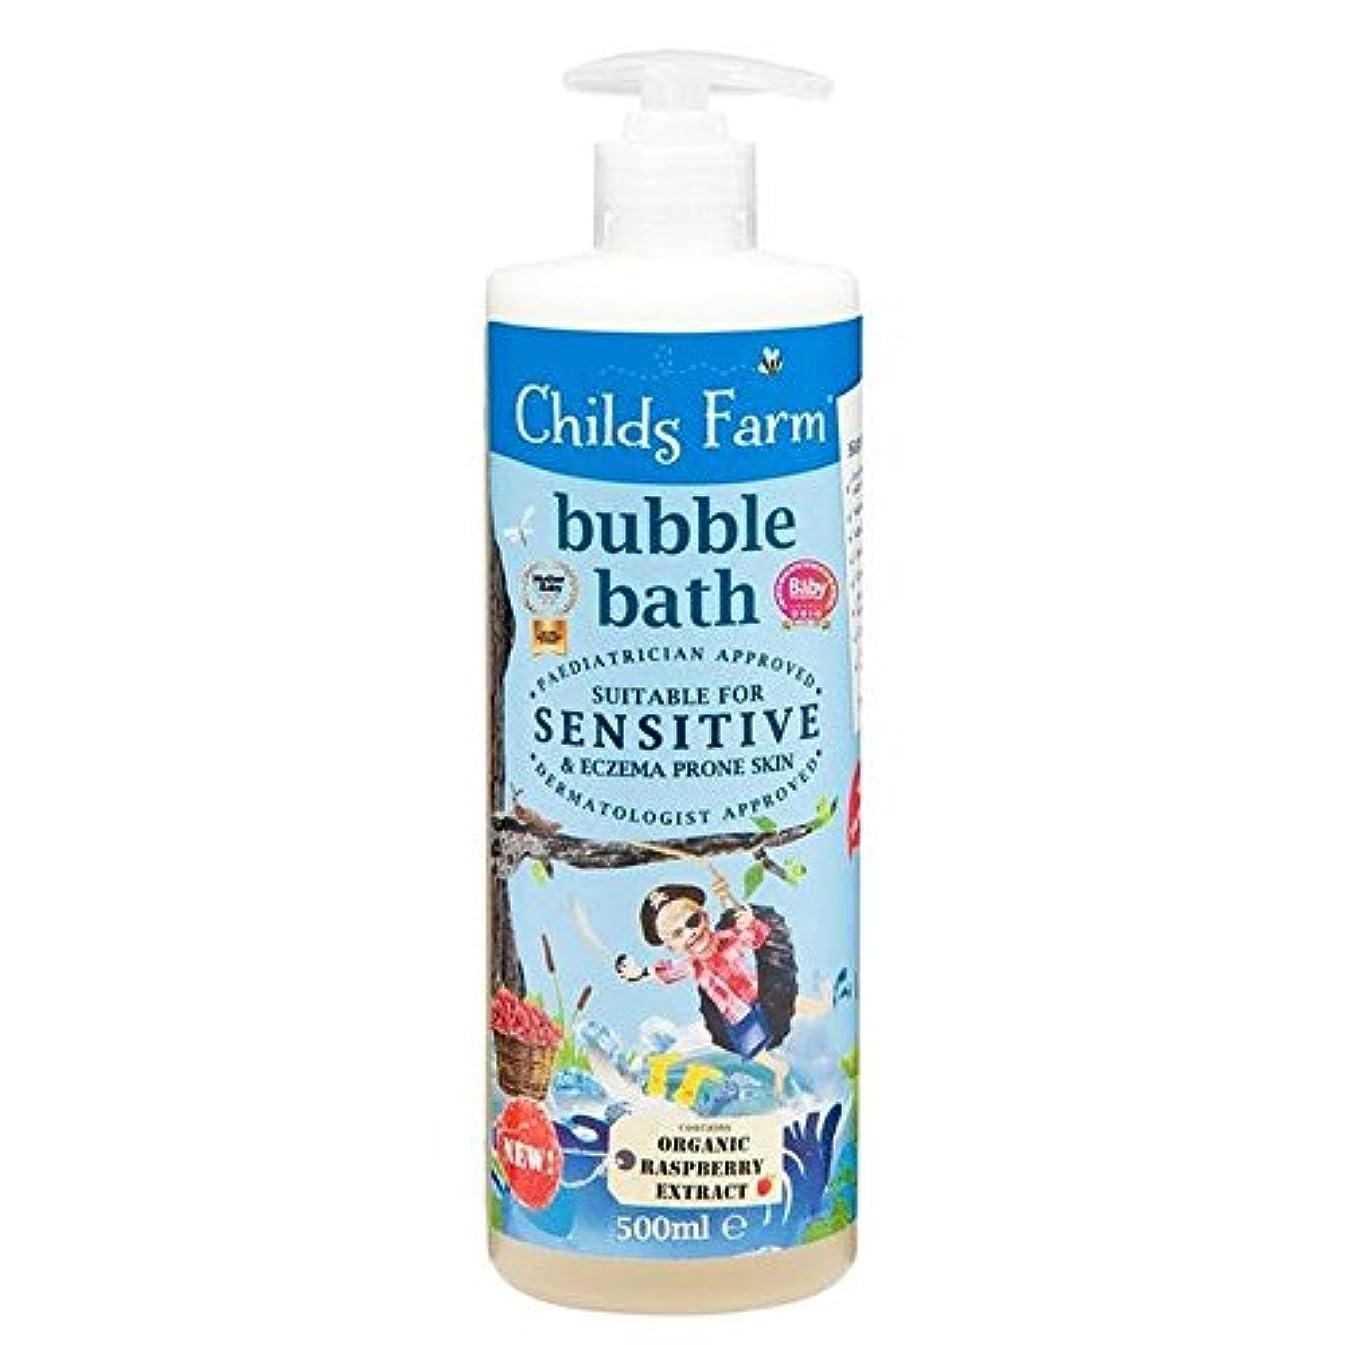 接地帳面男性500ミリリットルのための農場の泡風呂をチャイルズ x4 - Childs Farm Bubble Bath for Bucaneers 500ml (Pack of 4) [並行輸入品]